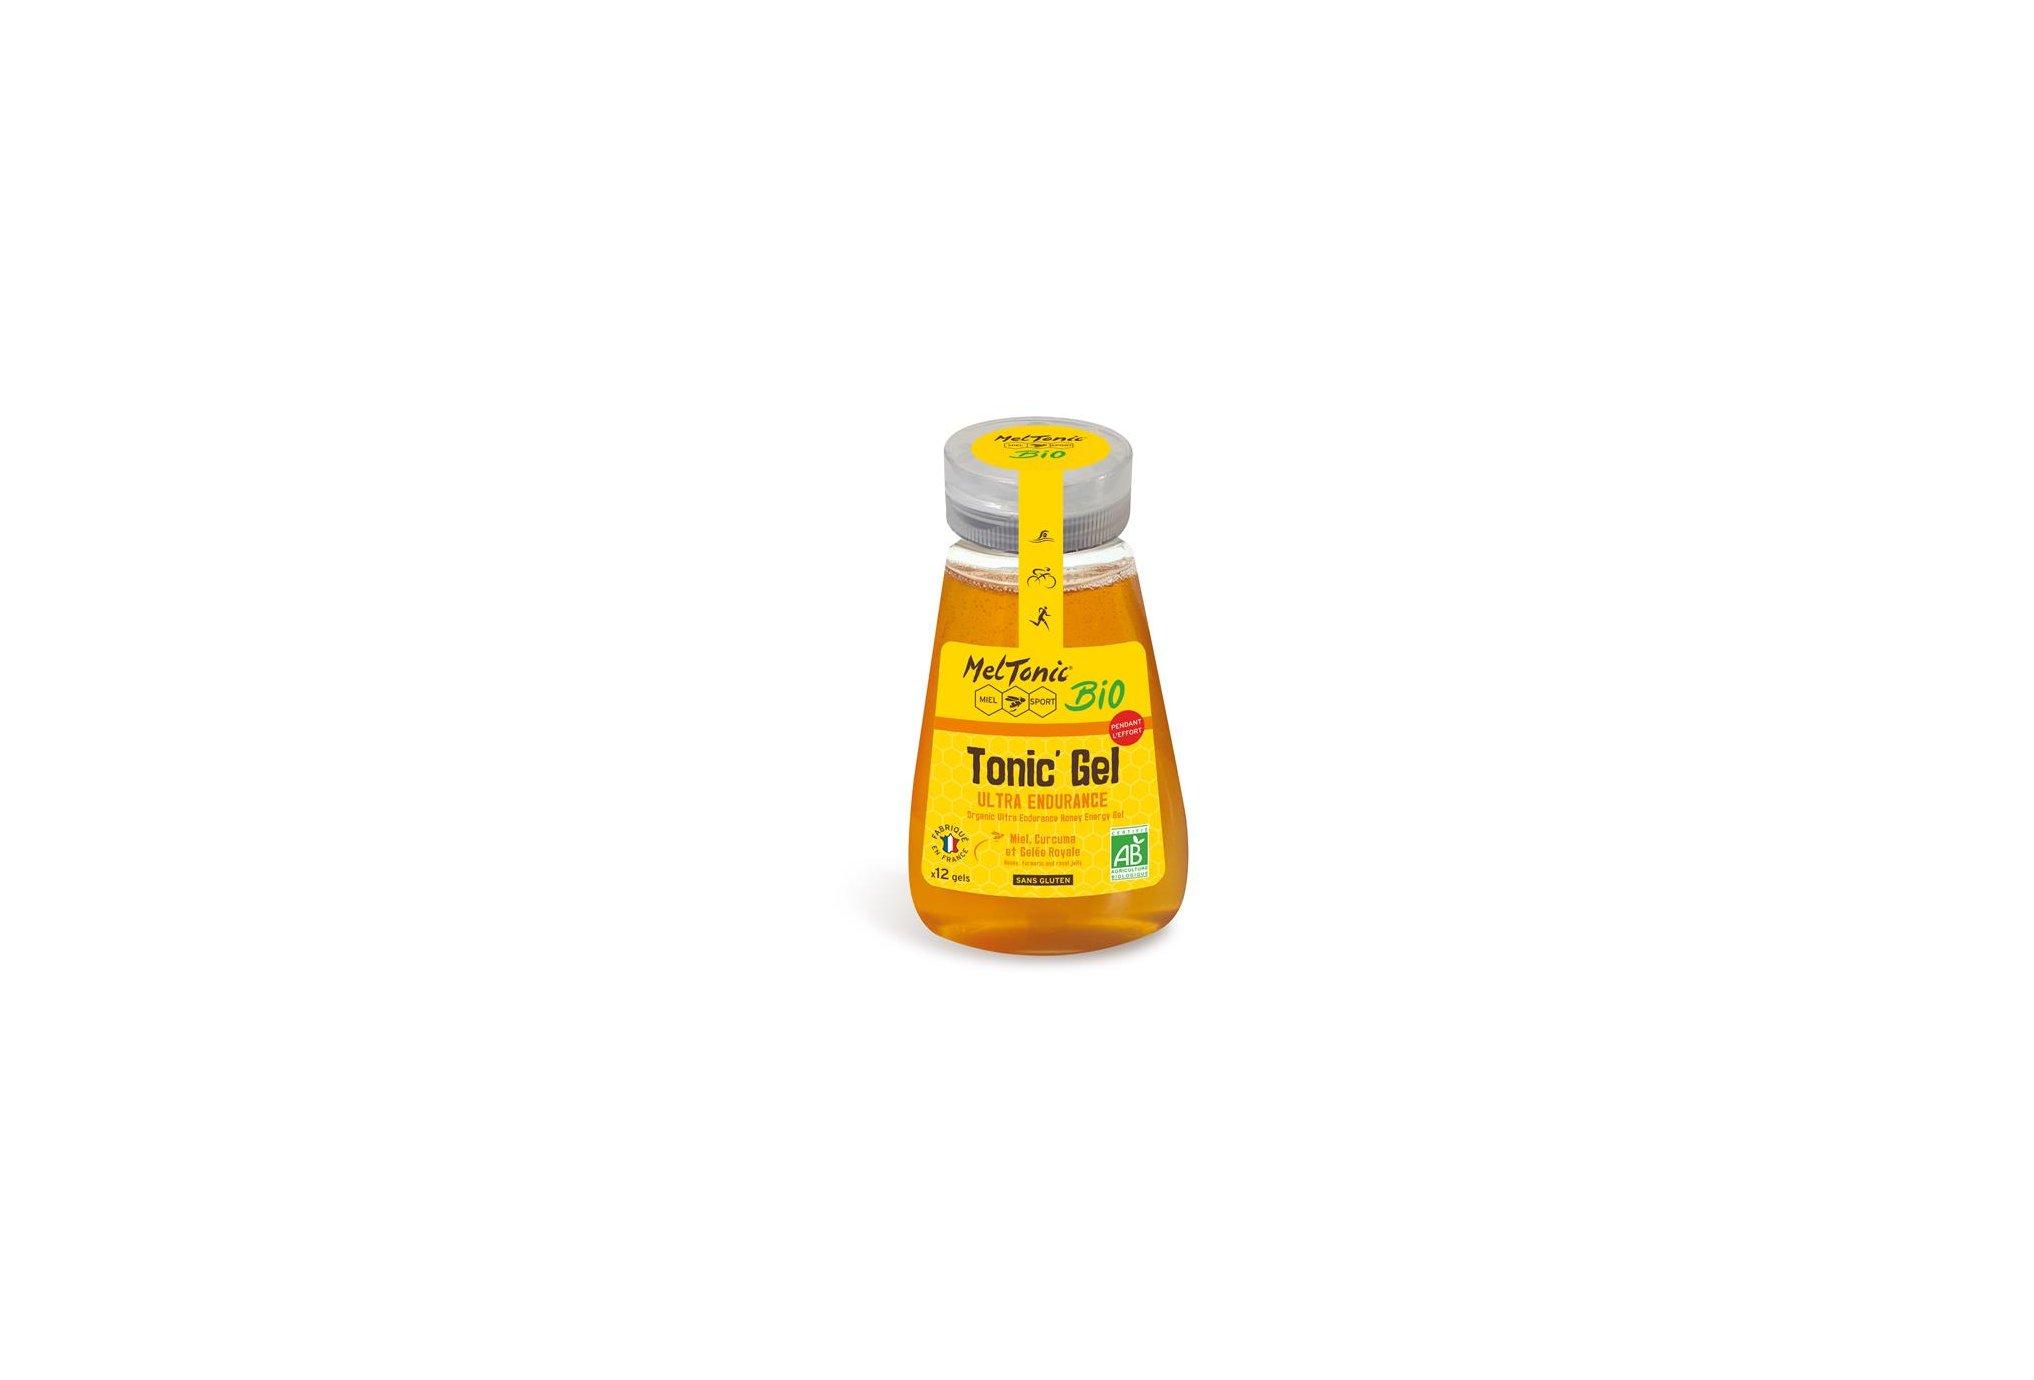 MelTonic Recharge Eco Tonic'Gel Ultra Endurance Bio Diététique Gels